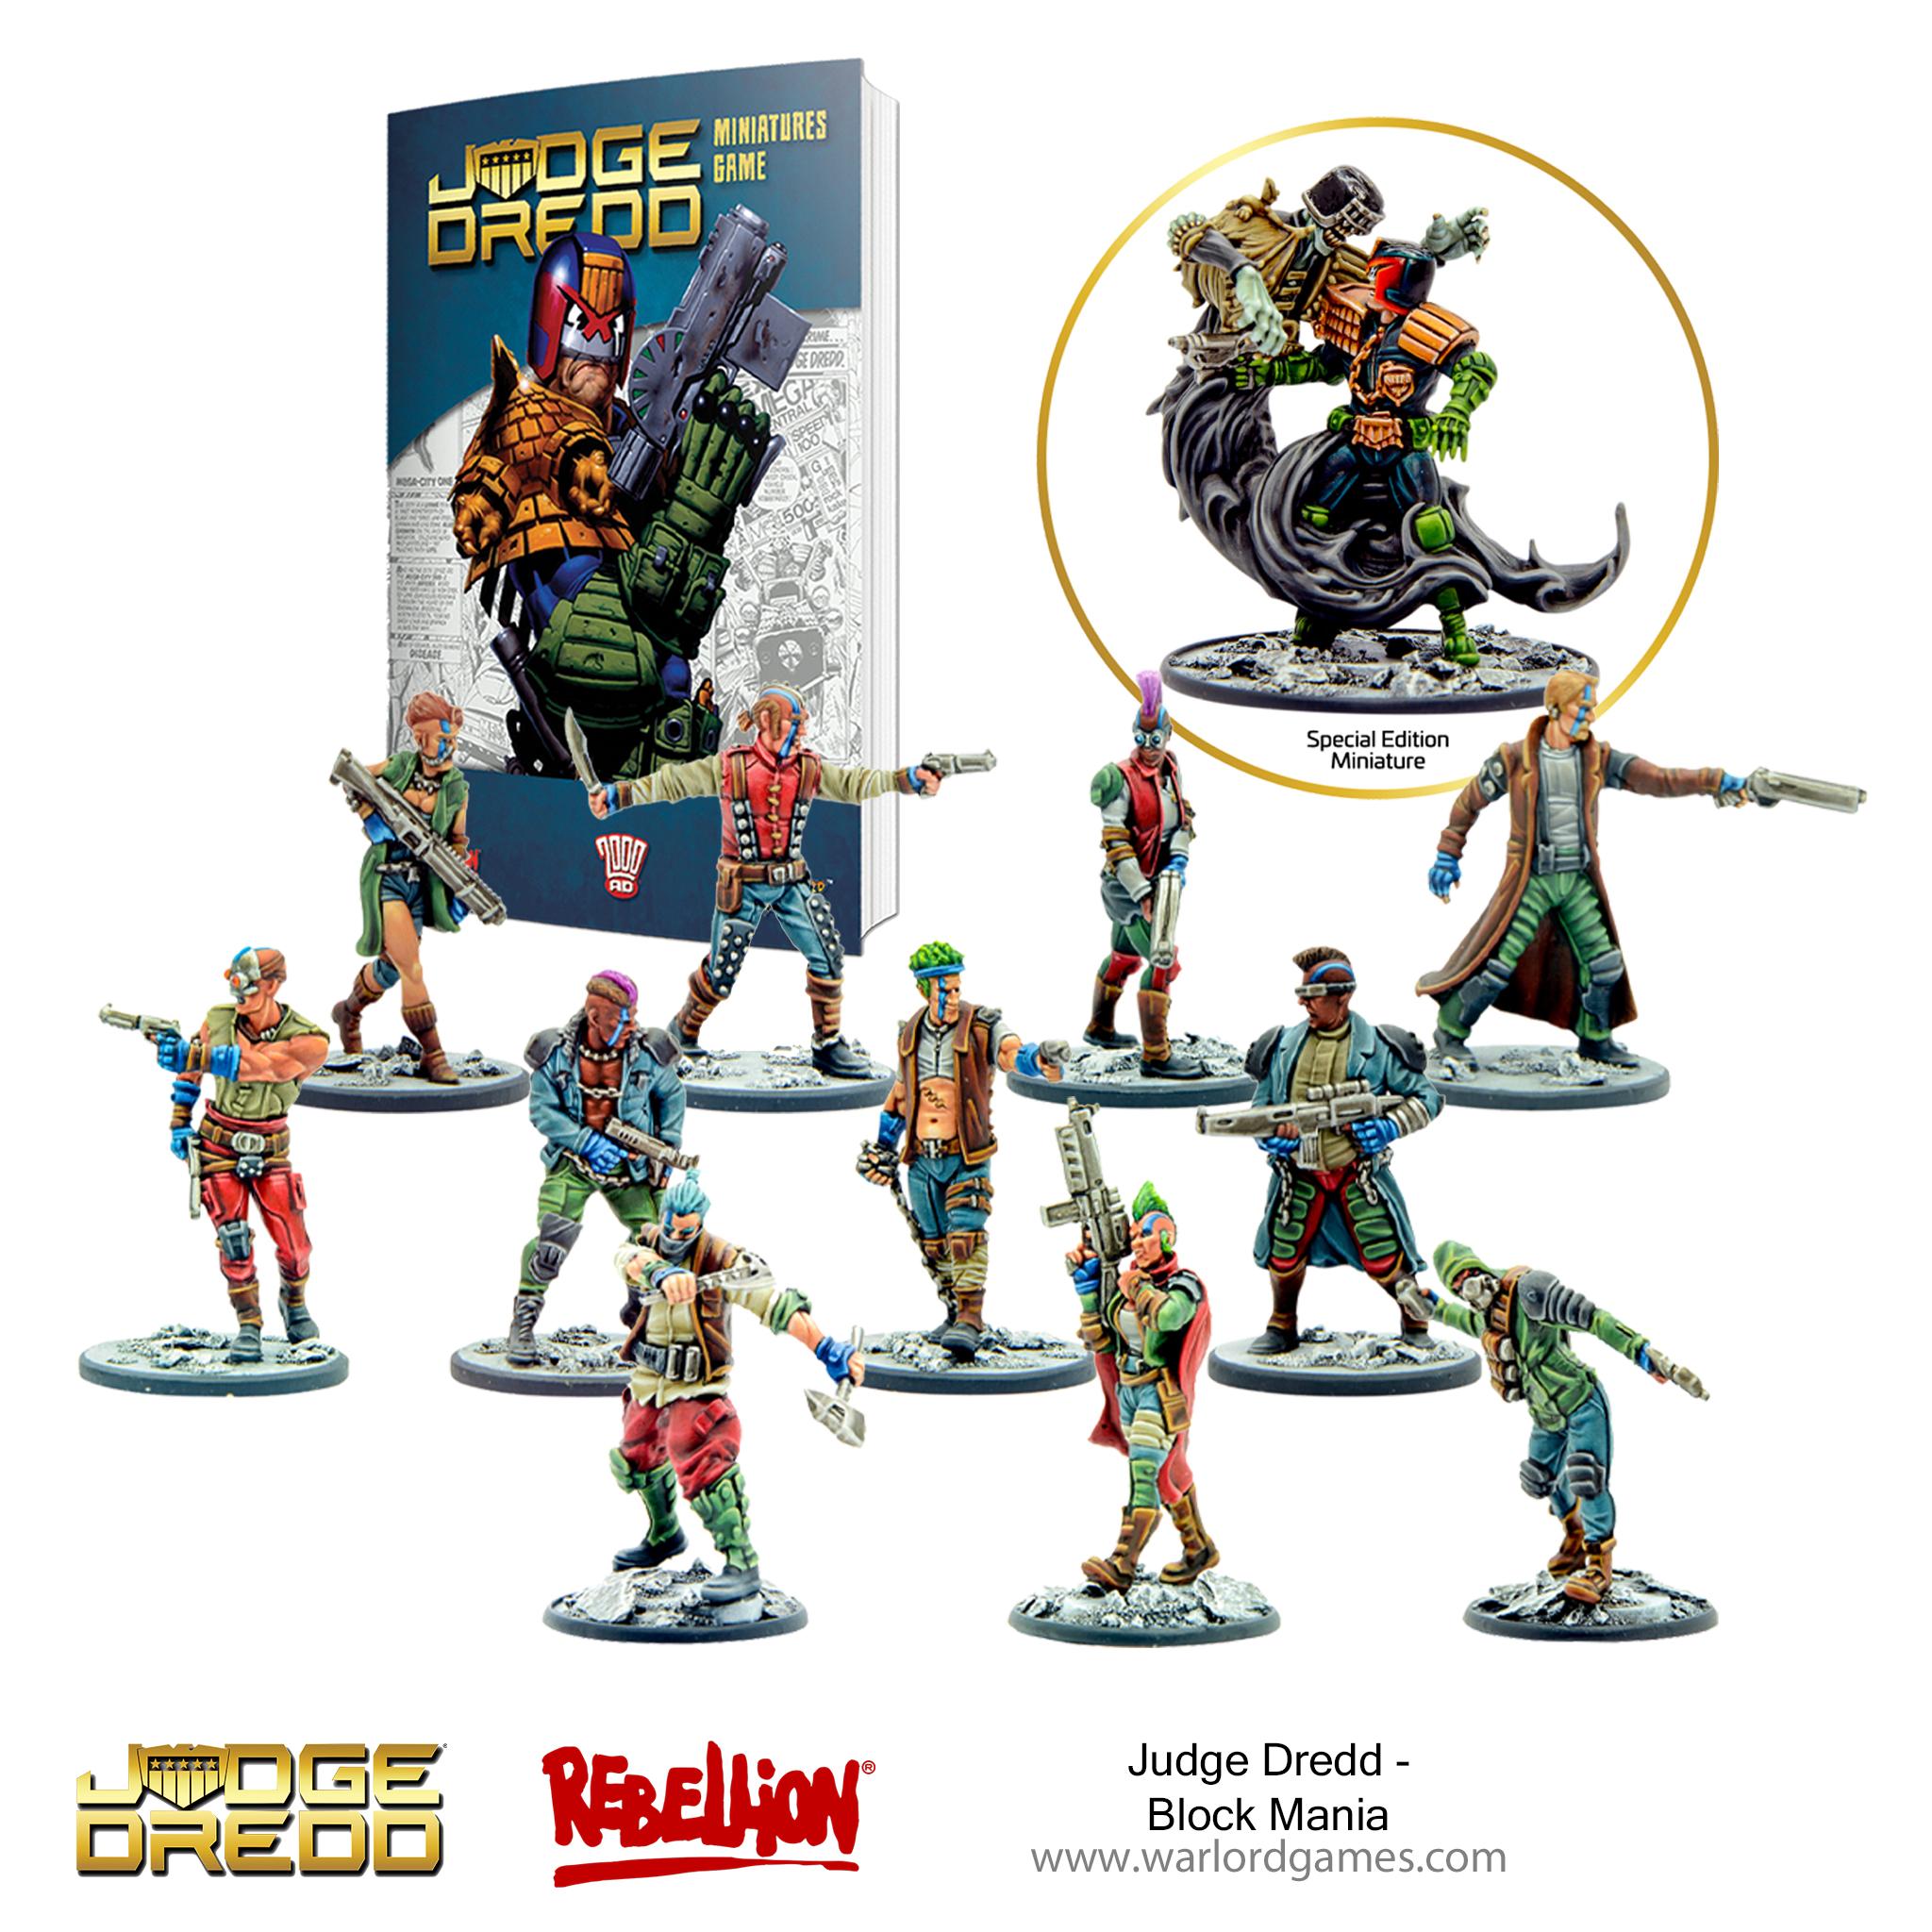 Judge Dredd Block Mania